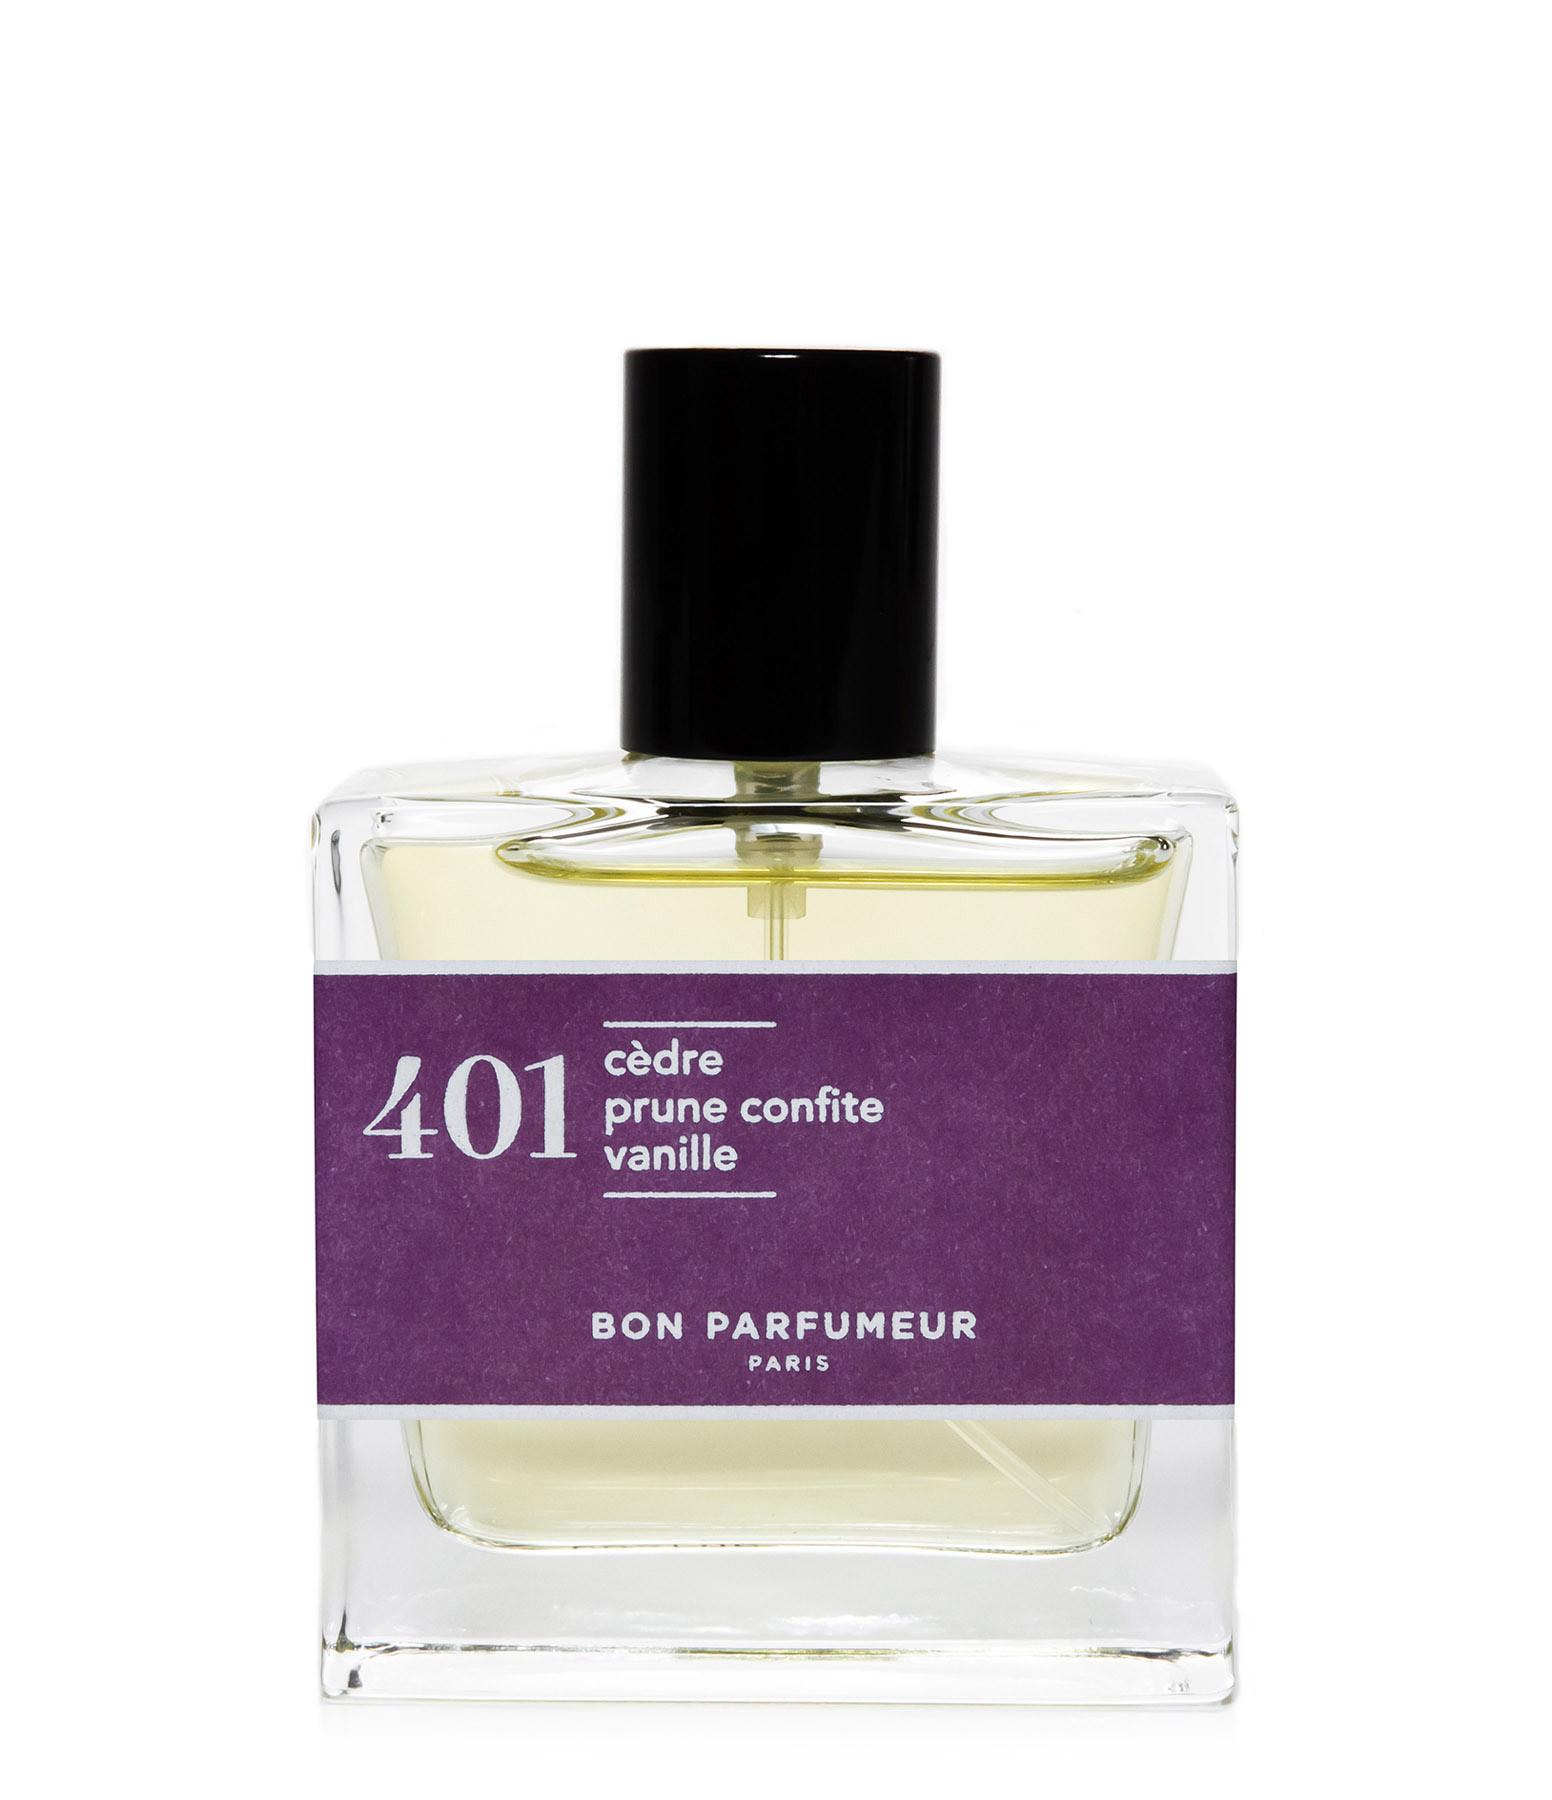 BON PARFUMEUR - Eau de Parfum #401 Cèdre, Prune confite, Vanille